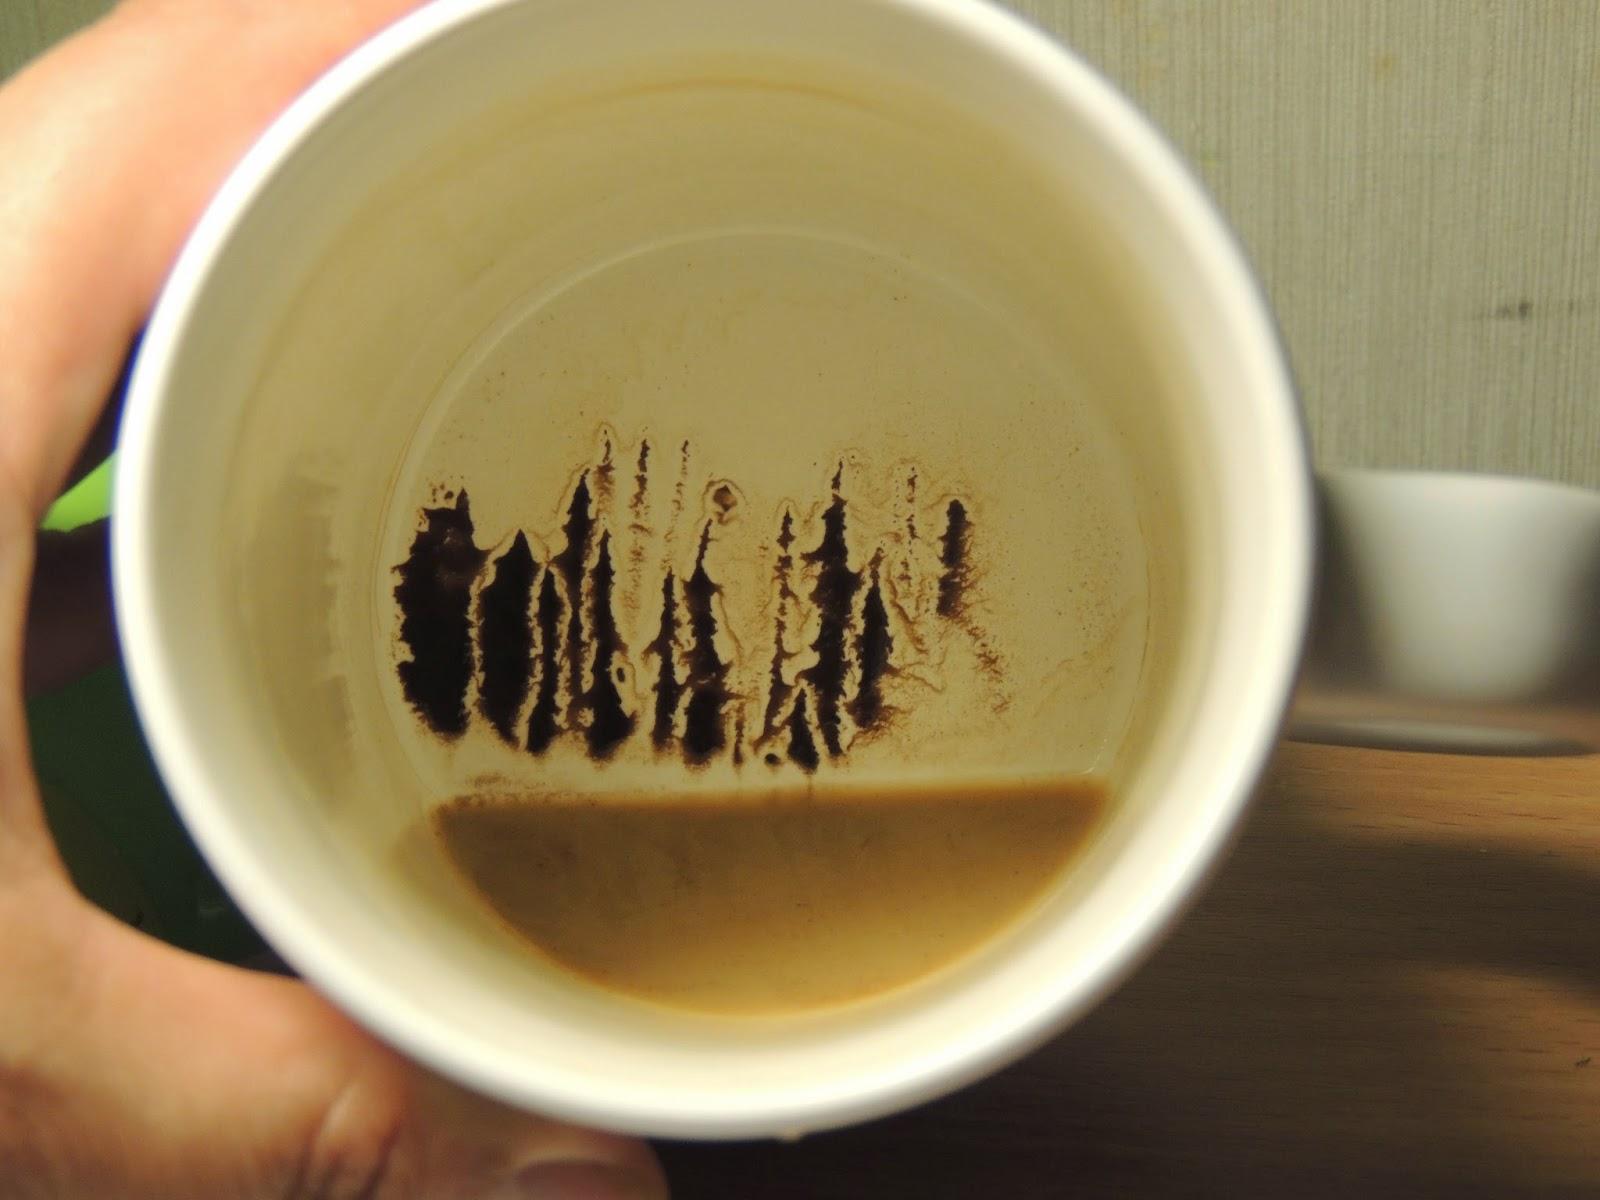 картинки гуща кофе вообще, меня зарубинских